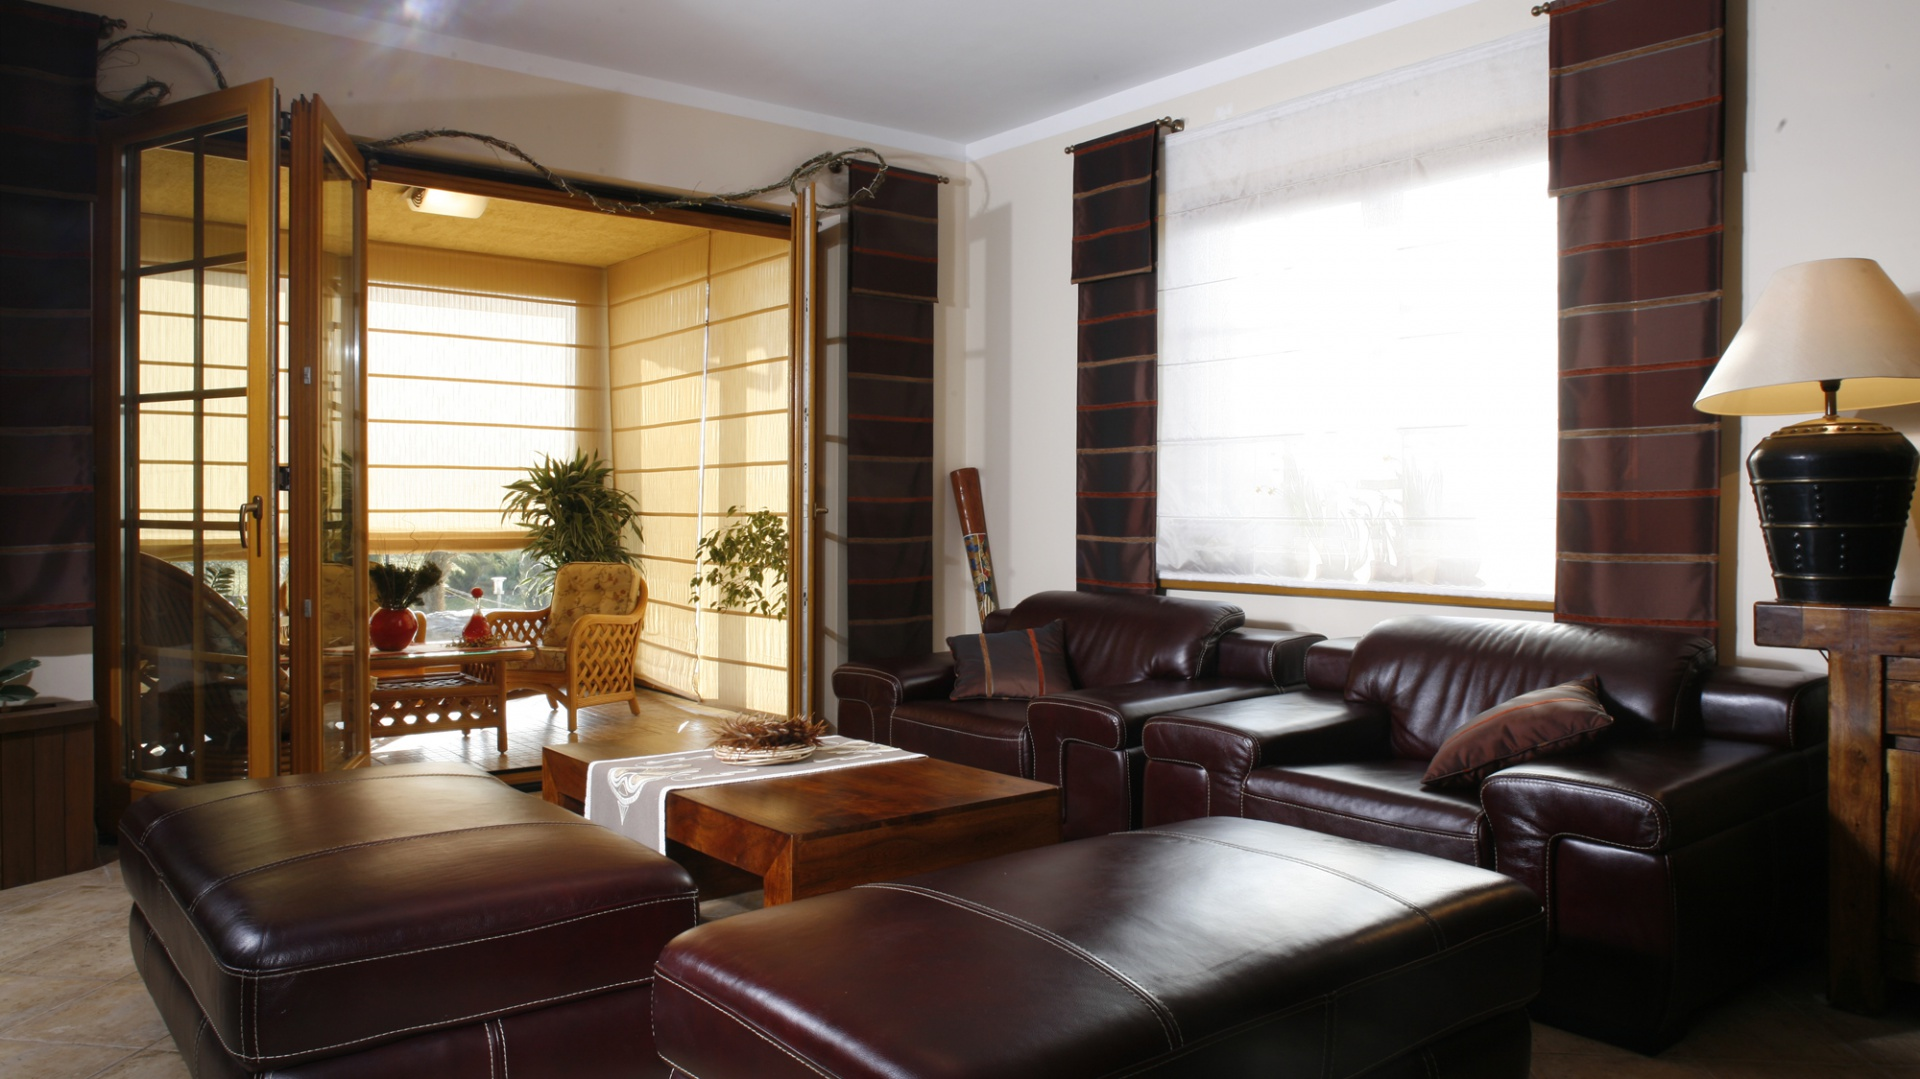 Fotele i okazałe siedziska (Almi Decor), jak wszystkie meble w domu, wykonane są z naturalnych materiałów. Fot. Monika Filipiuk.